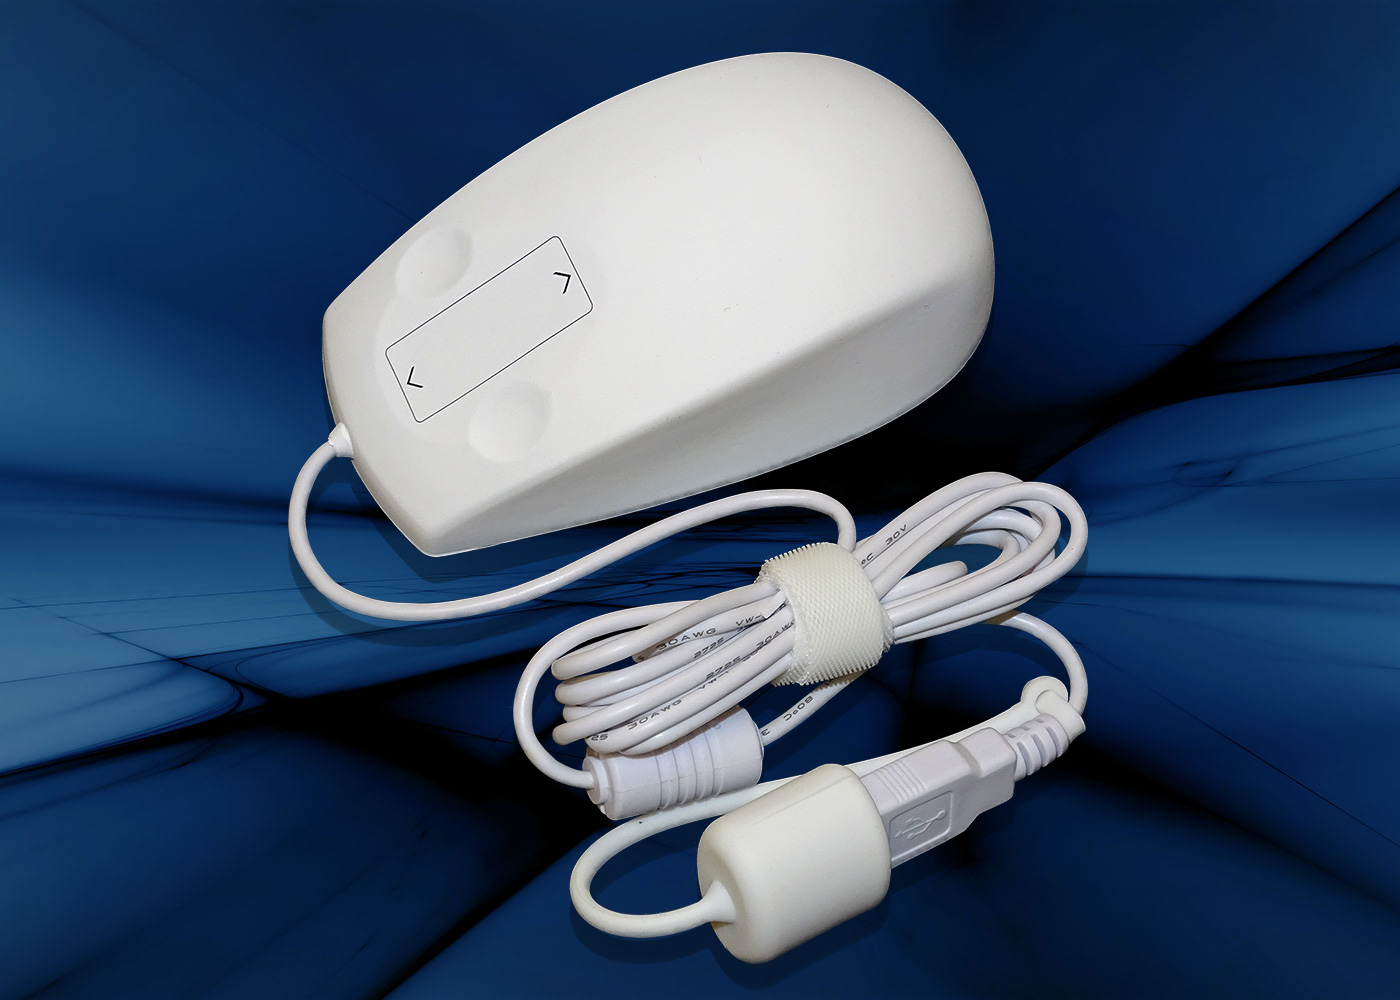 Souris médicale ergonomique IP68 avec molette tactile – Filaire